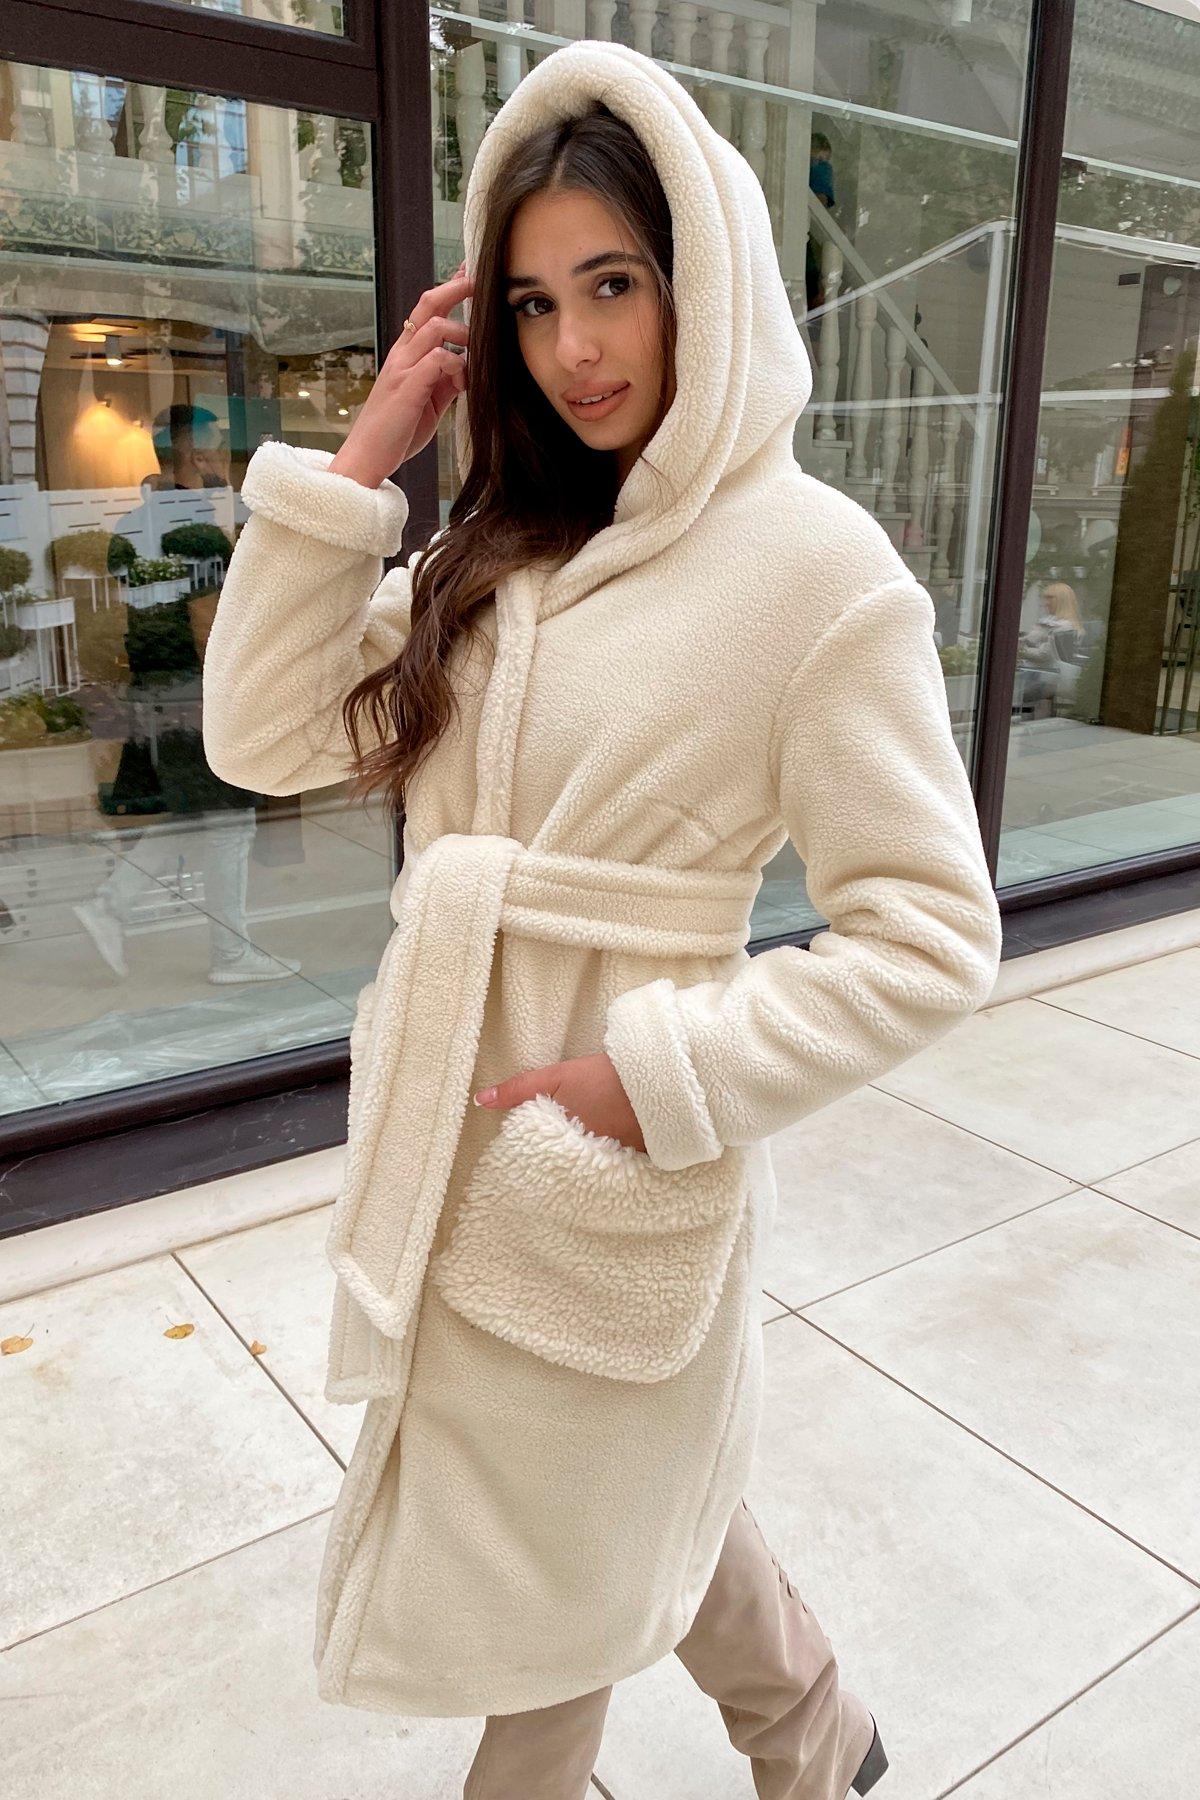 Пальто из искусственного меха Анита 8197 АРТ. 44955 Цвет: Молоко - фото 3, интернет магазин tm-modus.ru